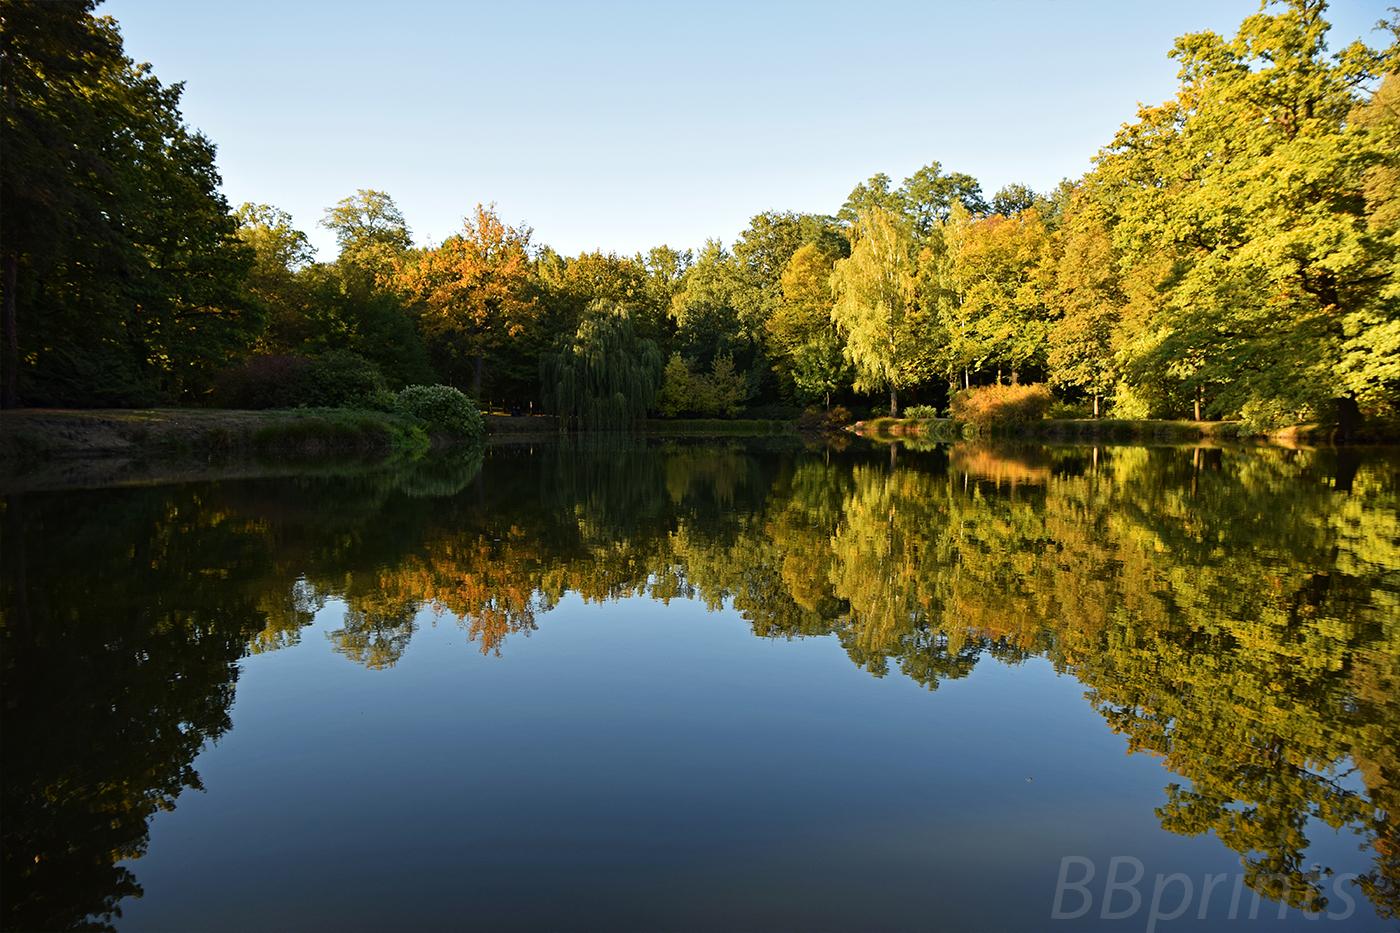 Nature photo, landscape photo, summer photo, sunset photo example image 4